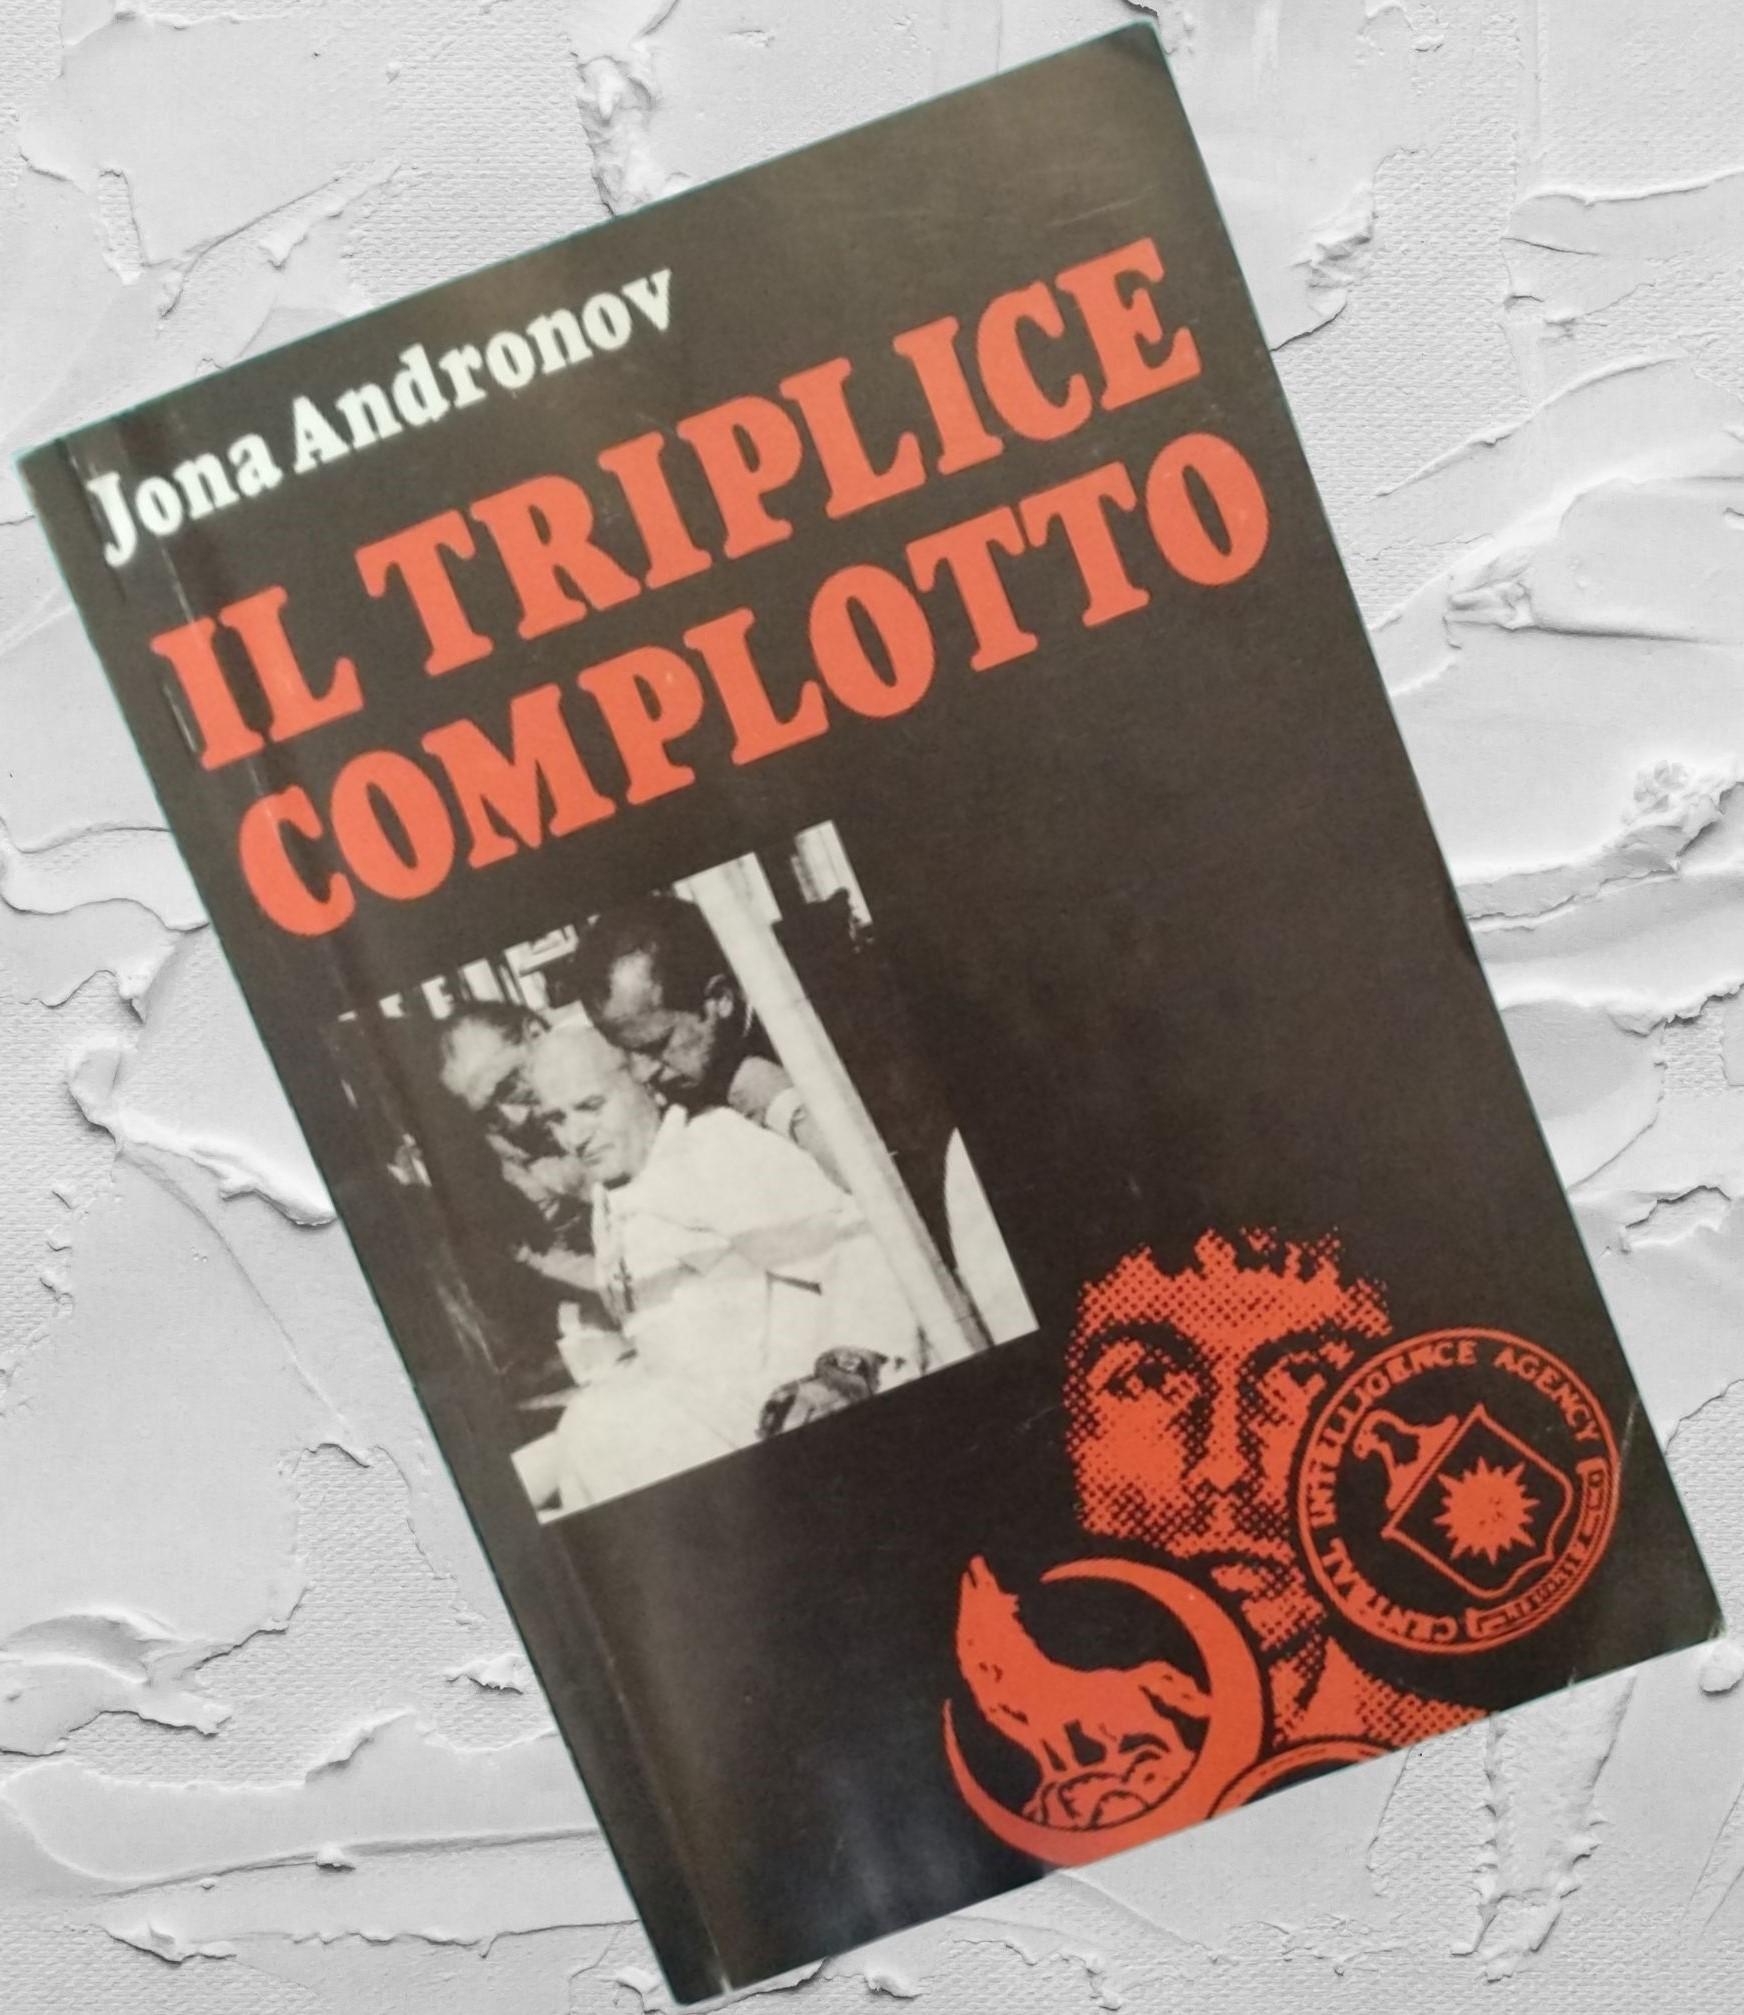 """Cinque domande a Pietro Orlandi sul libro """"Il Triplice Complotto"""" di Jona Andronov (1984) sulla scomparsa di Emanuela"""